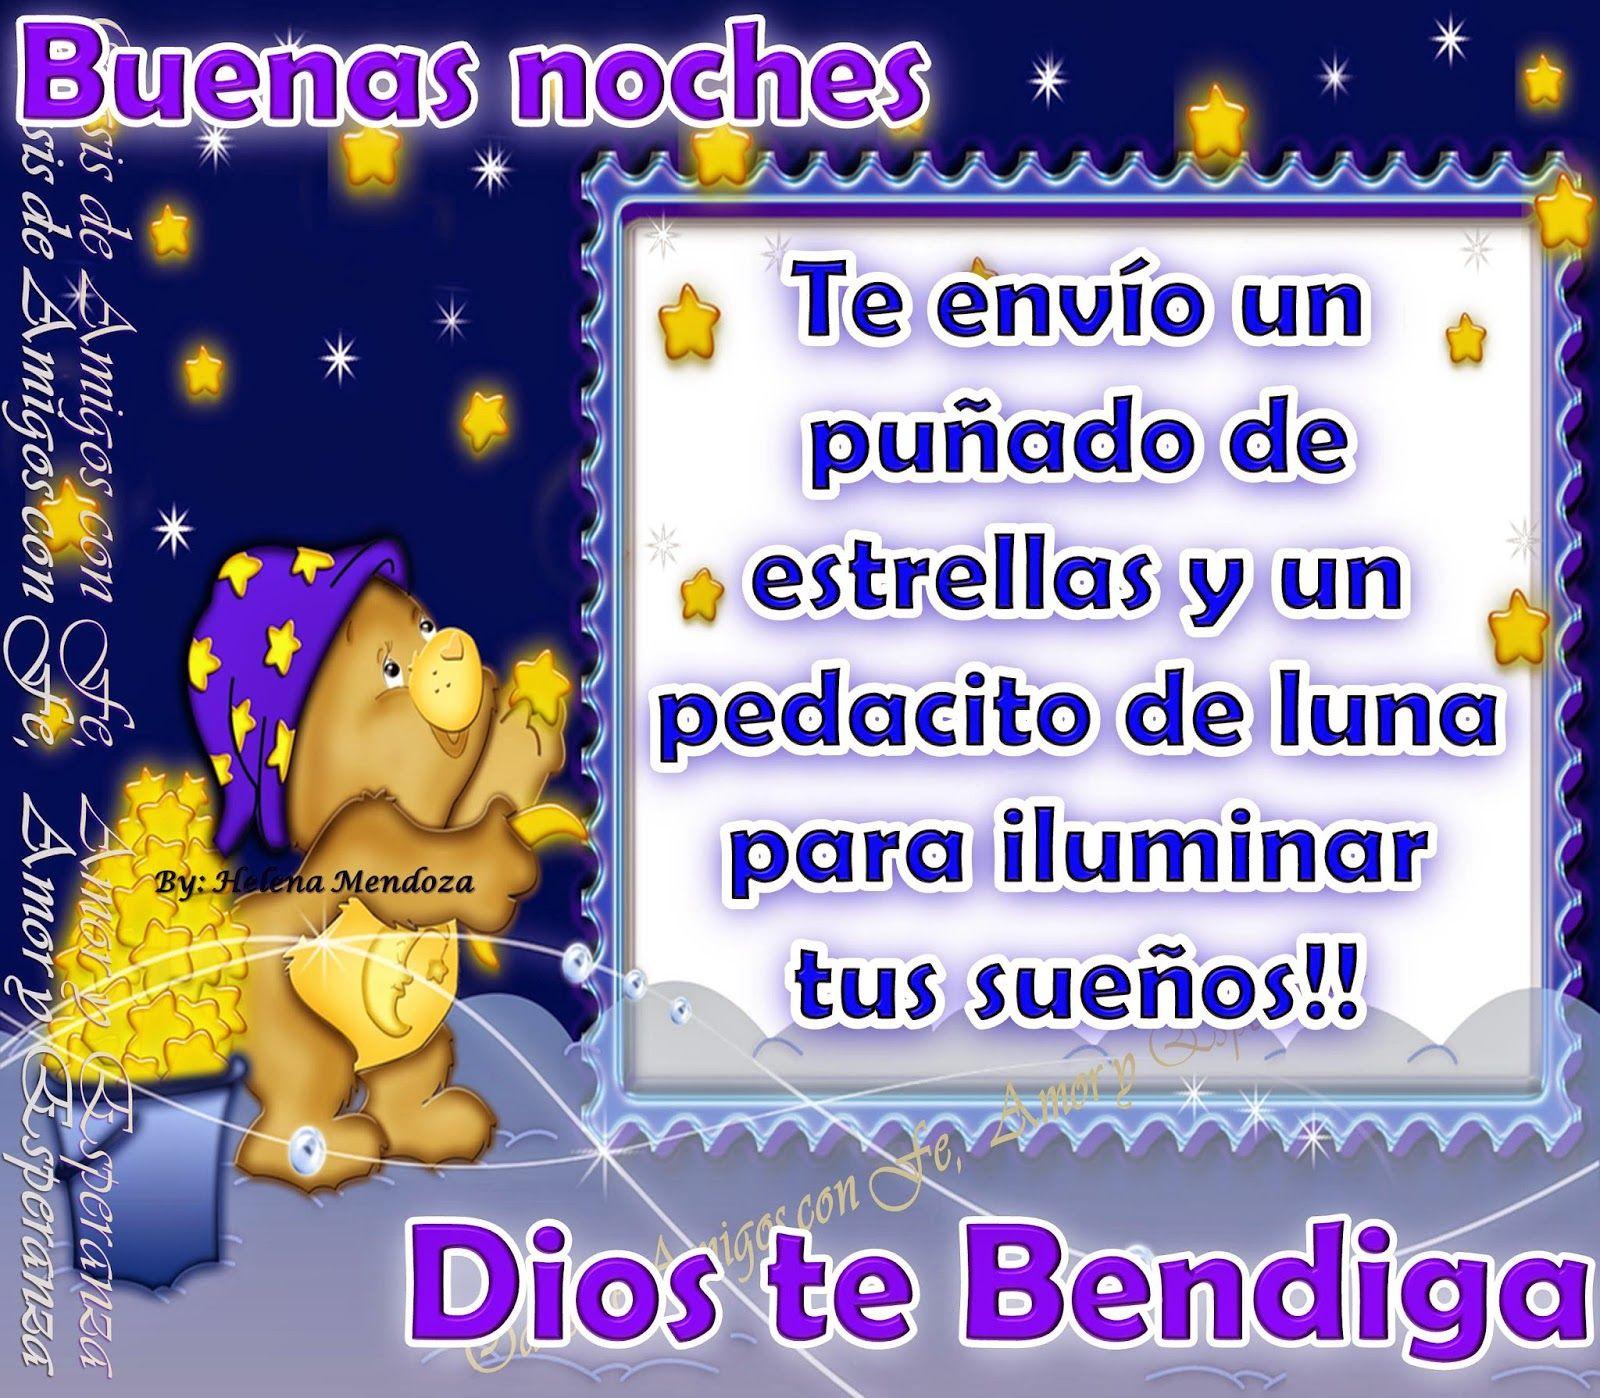 Oasis De Amigos Con Fe Amor Y Esperanza Buenas Noches Gifts De Buenas Noches Buenas Noches Saludos De Buenas Noches